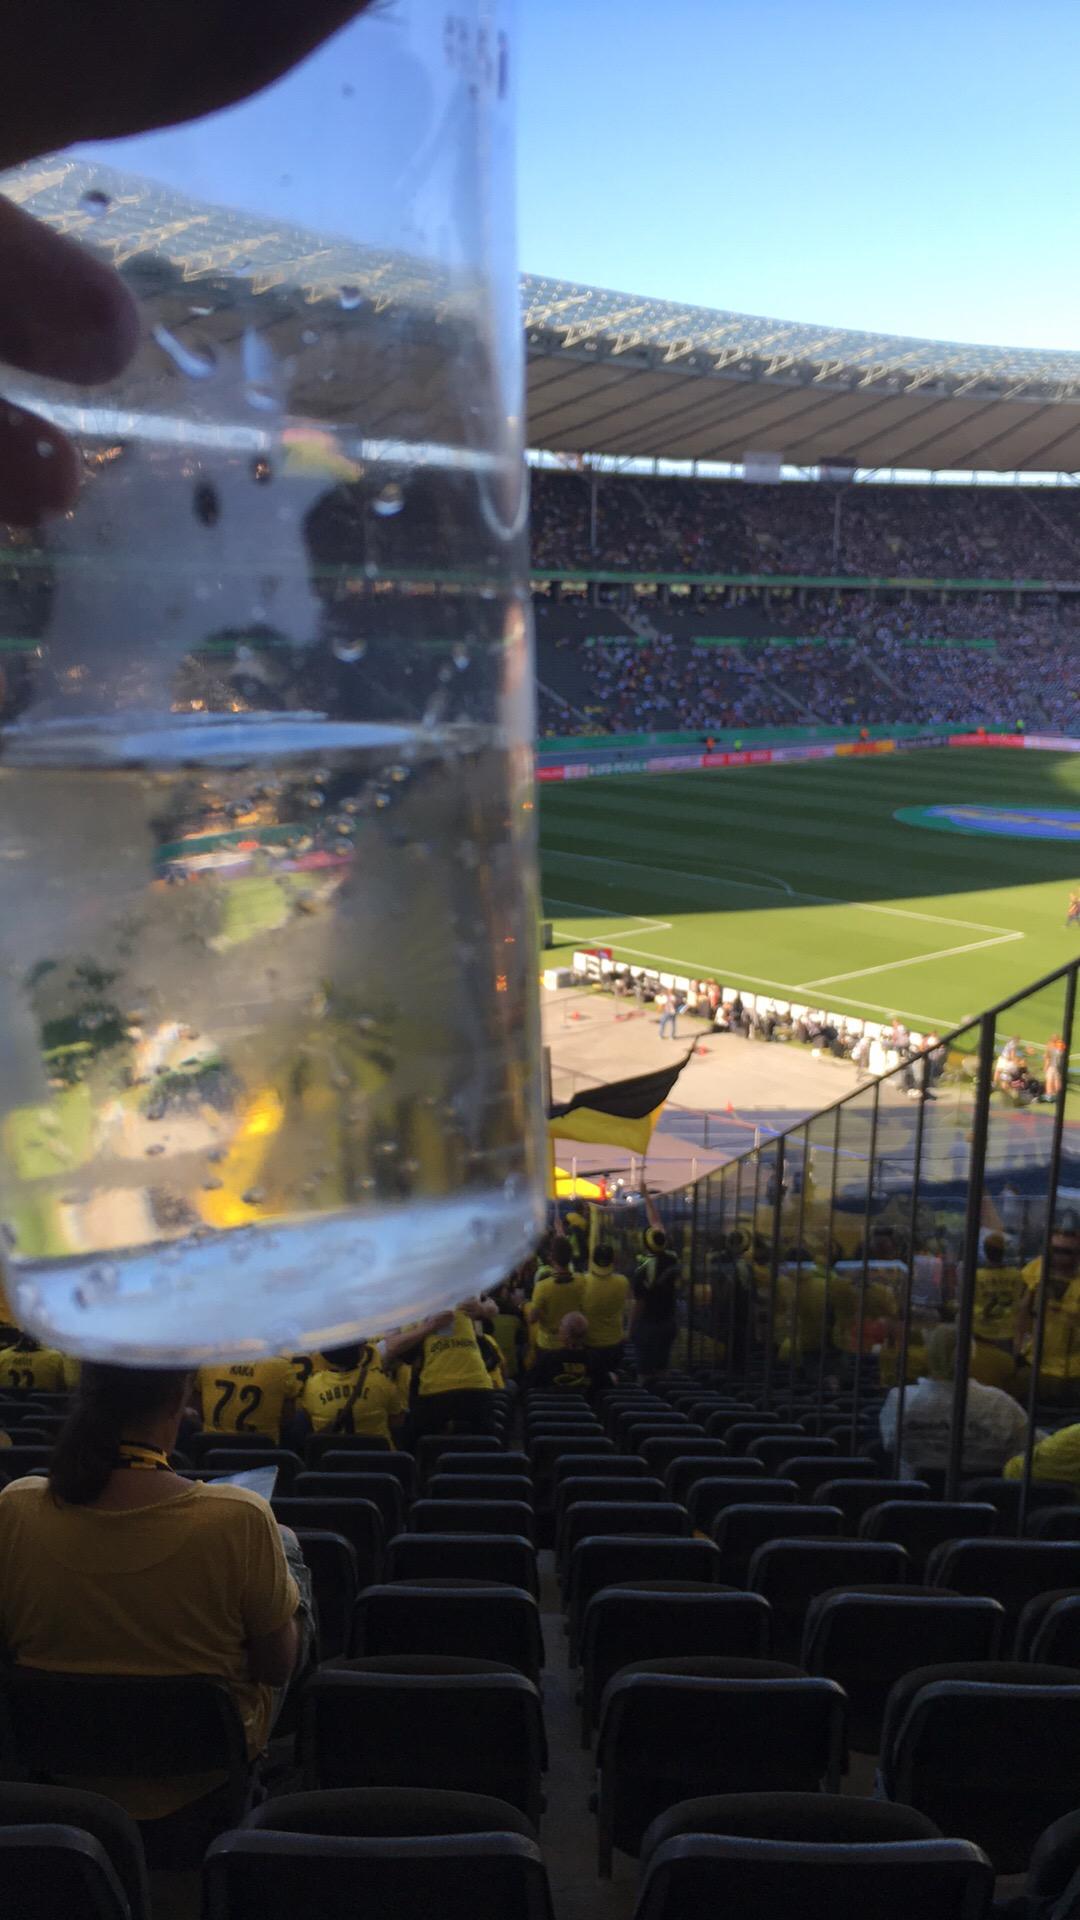 005-Wasser-im-Stadion